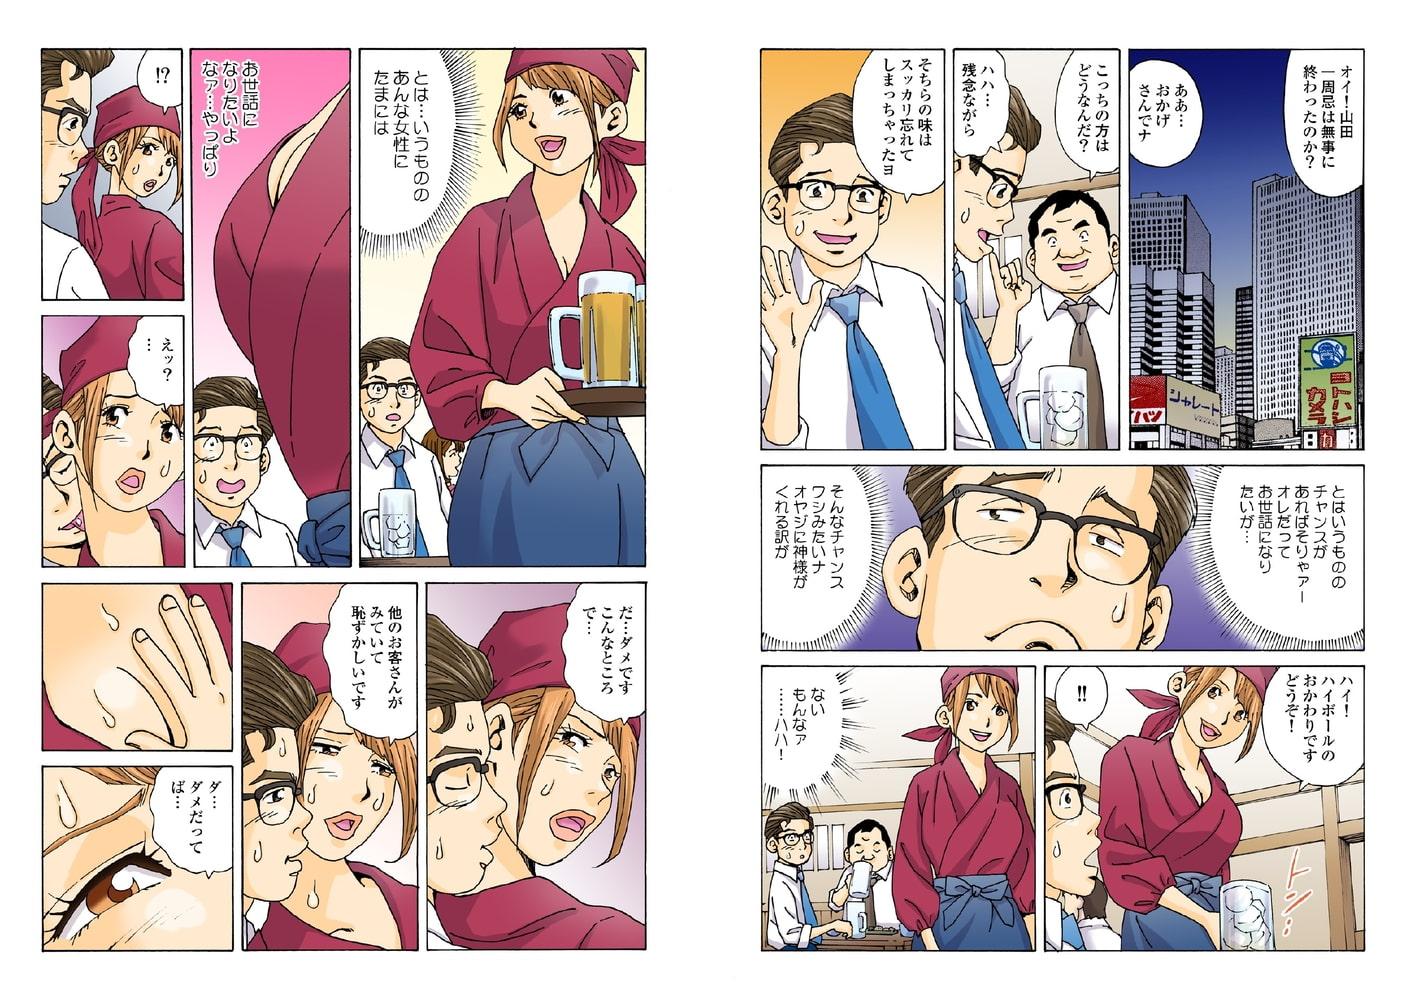 メチャヌキ! 風俗マン遊記(1)